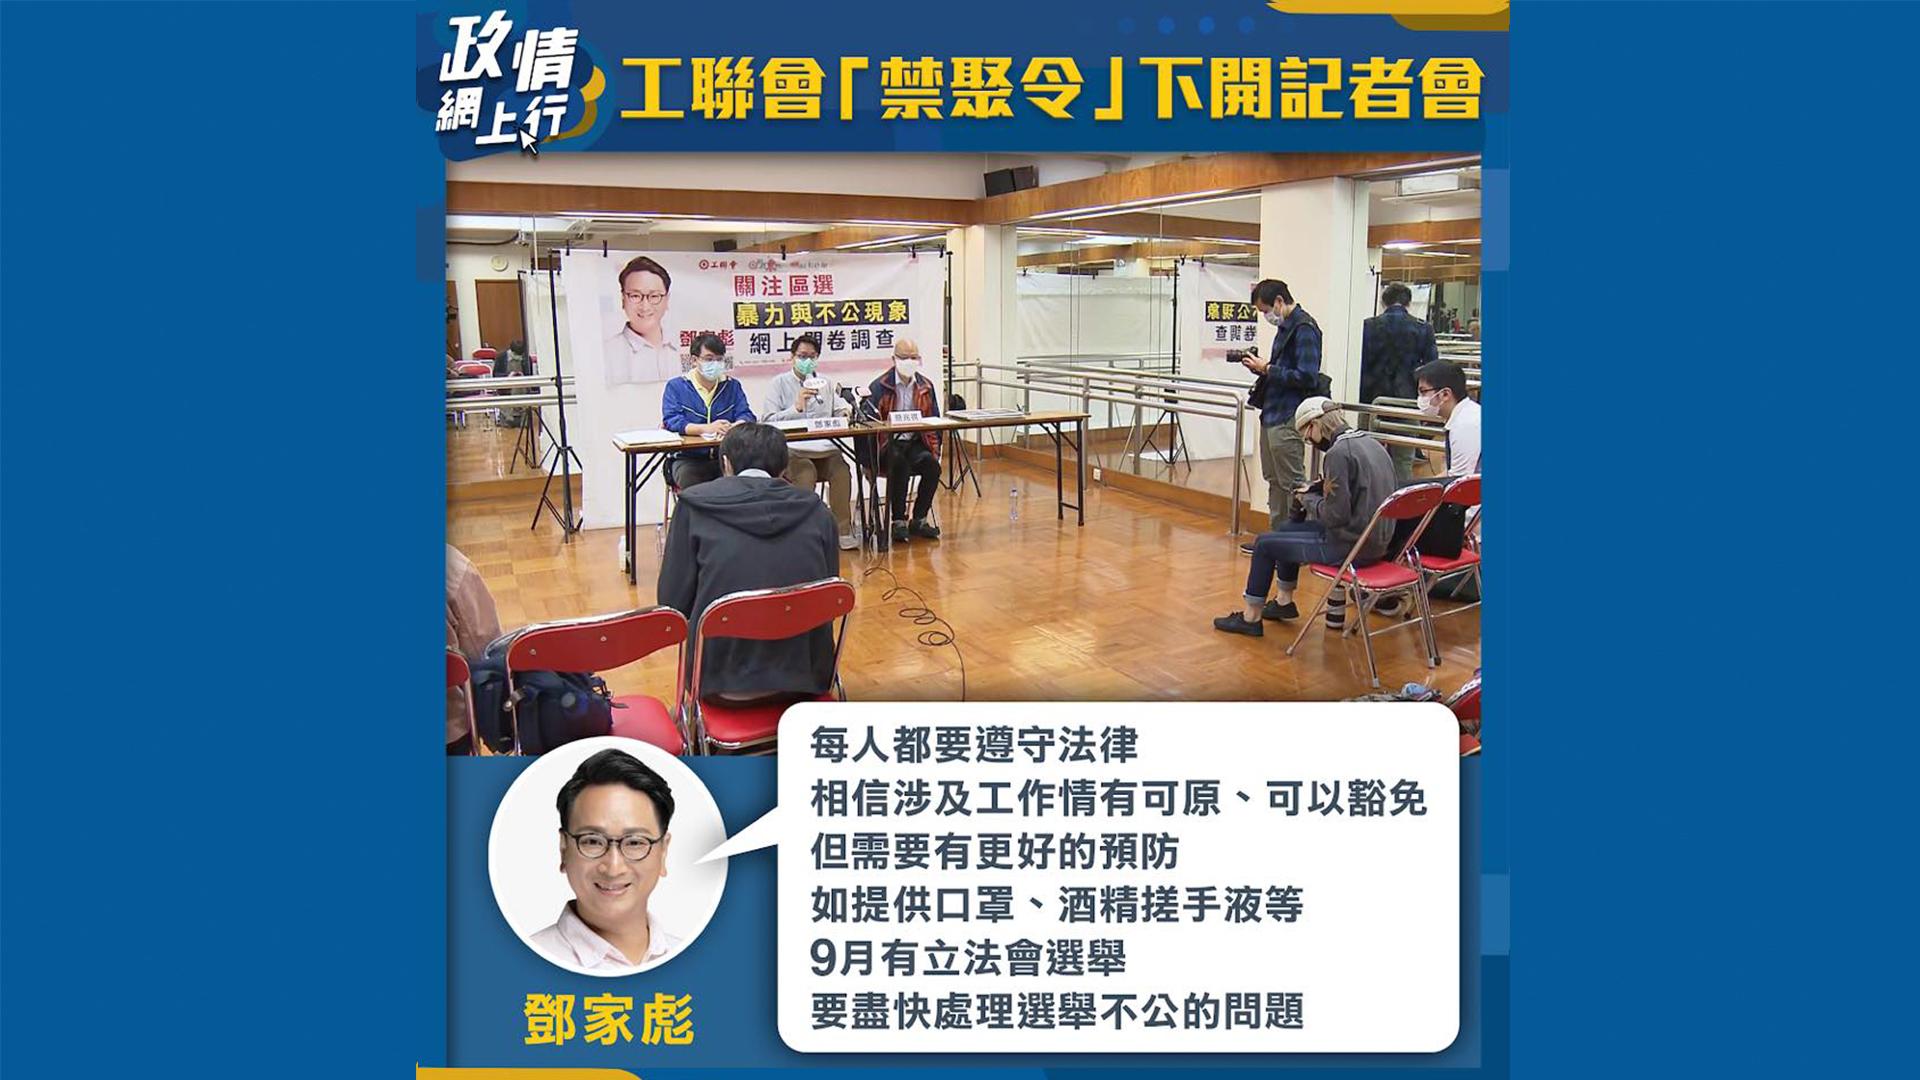 【政情網上行】工聯會「禁聚令」下開記者會